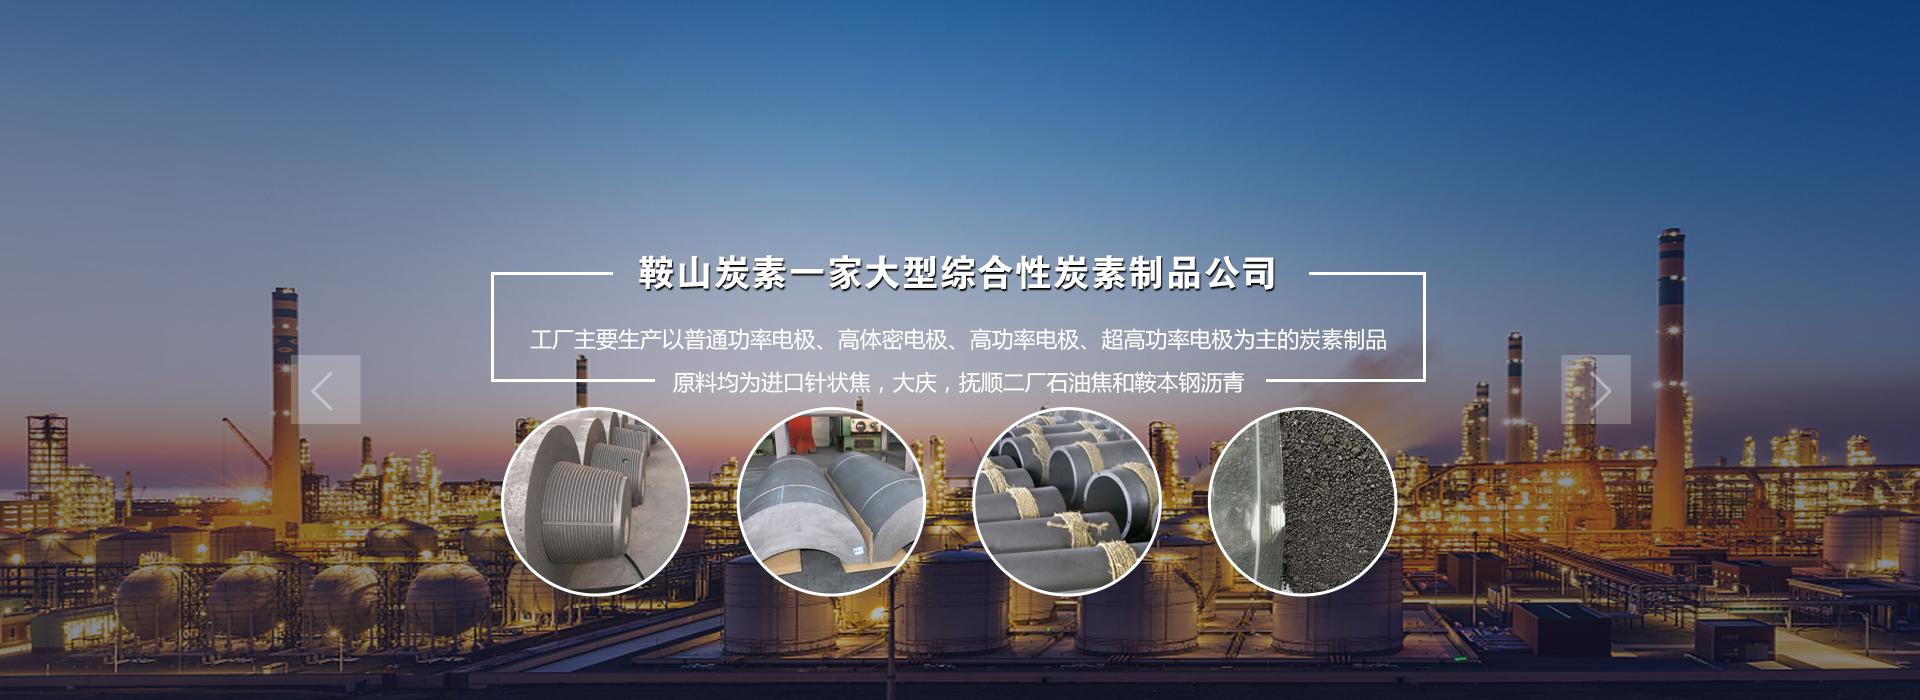 http://as-ts.cn/data/upload/202007/20200709110159_951.jpg